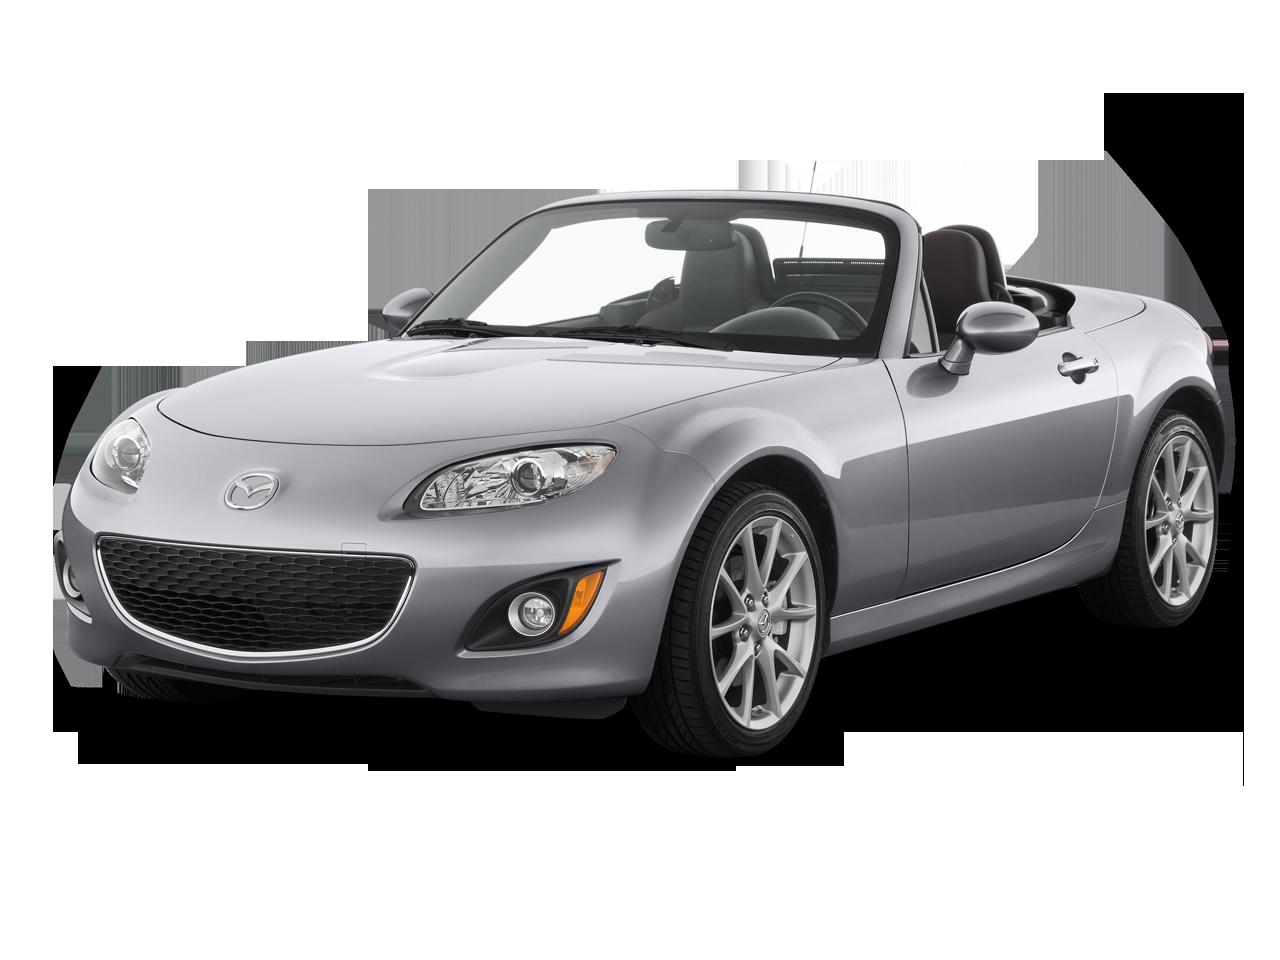 2009 Mazda Mazda5